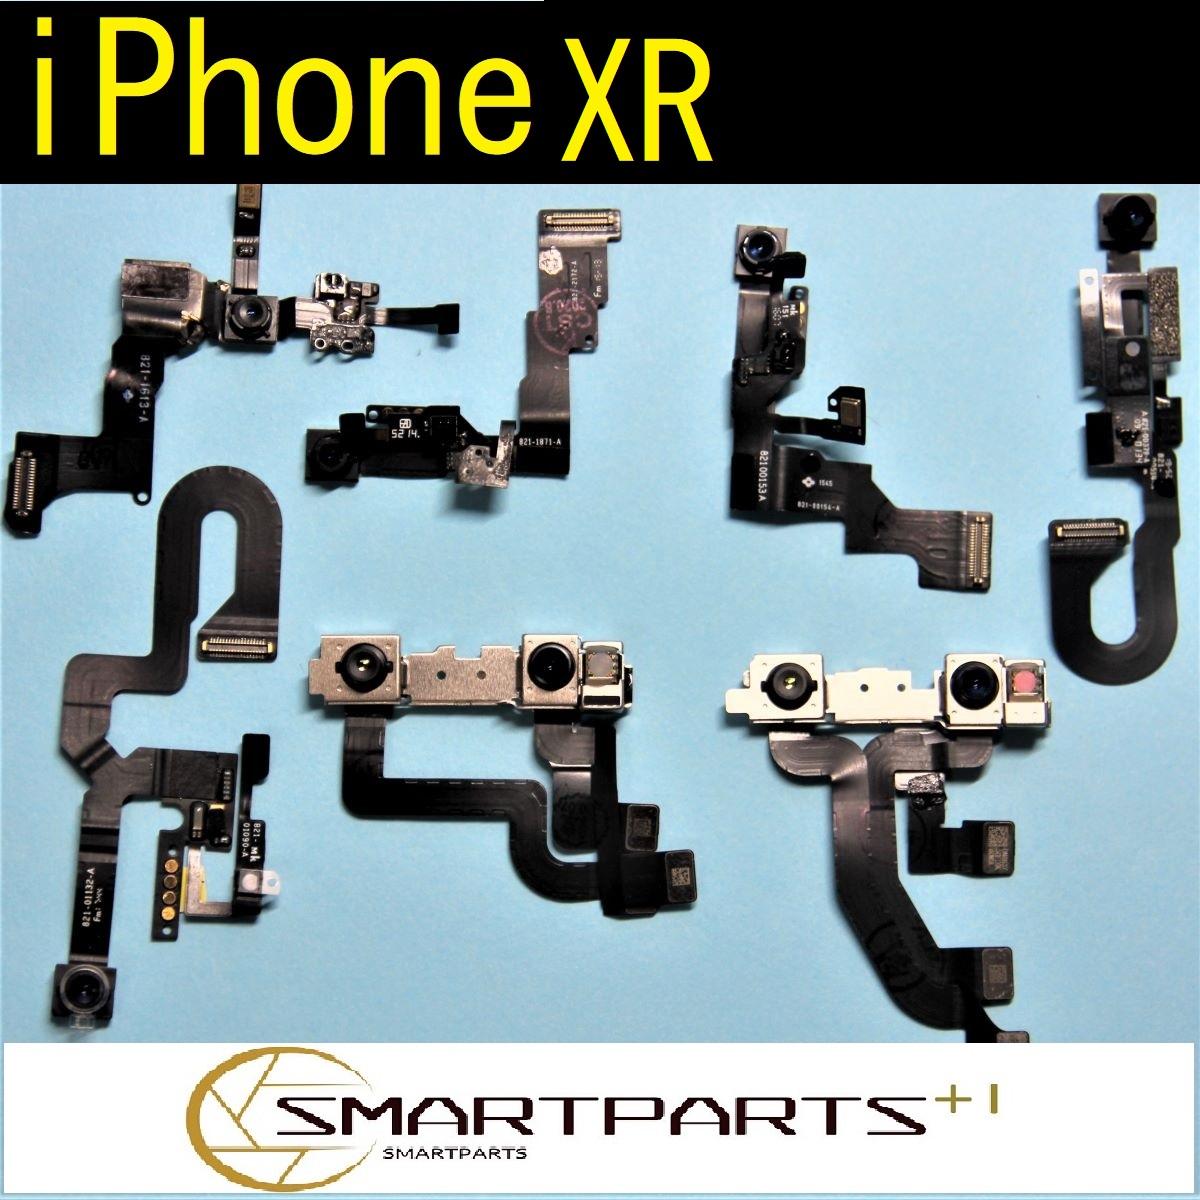 春の新作 iPhoneXRインカメラケーブル 接近センサーケーブル 修理工具セット付き フロントカメラ 大人気 修理交換パーツ DIY修理 リペア部品 前面カメラ アイフォン